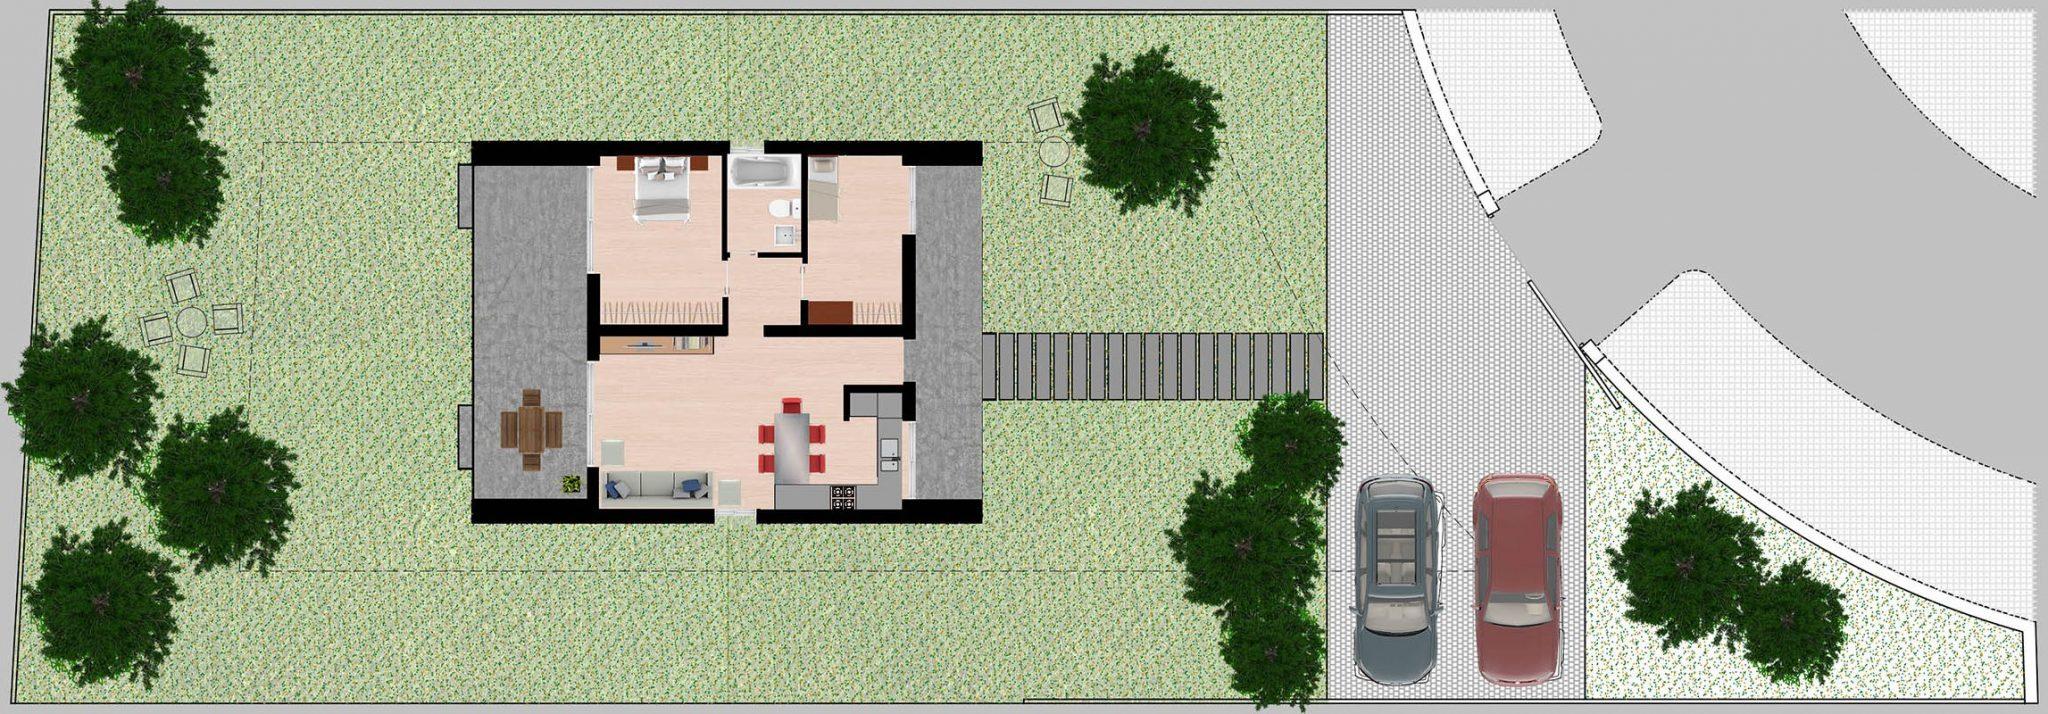 Casa bioclimatica de hormigon ytong 8 construimos tu casa - Modelo casa prefabricada ...